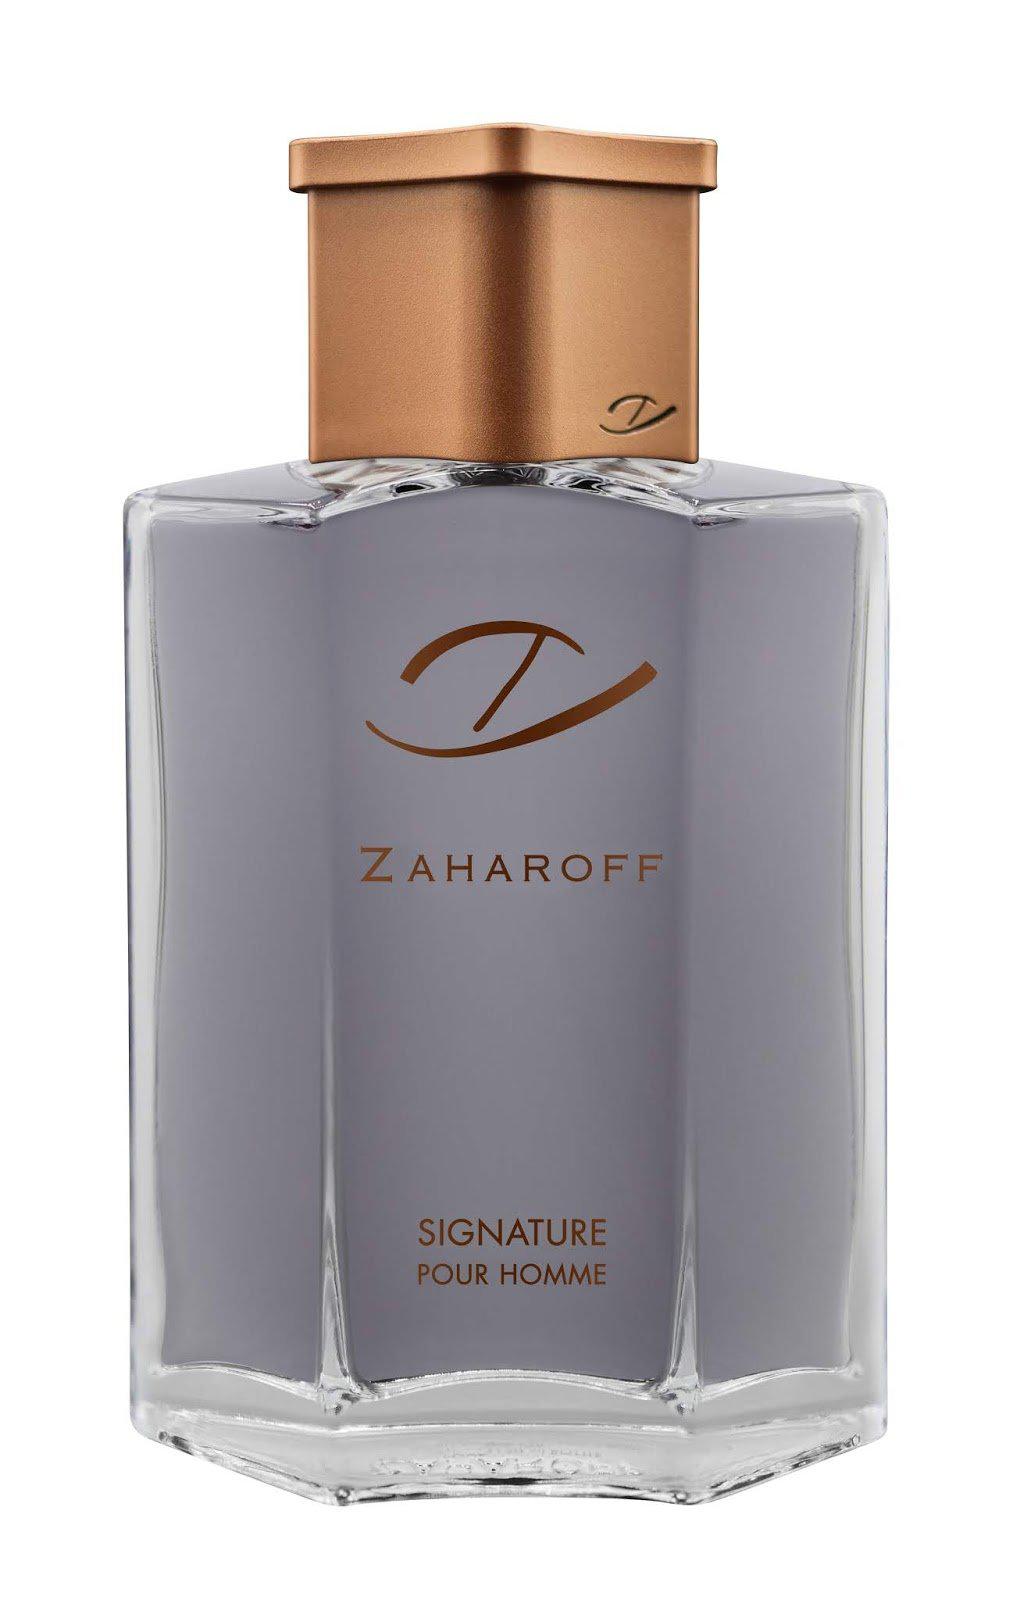 Zaharoff - Signature Pour Homme - Eau de Parfum image